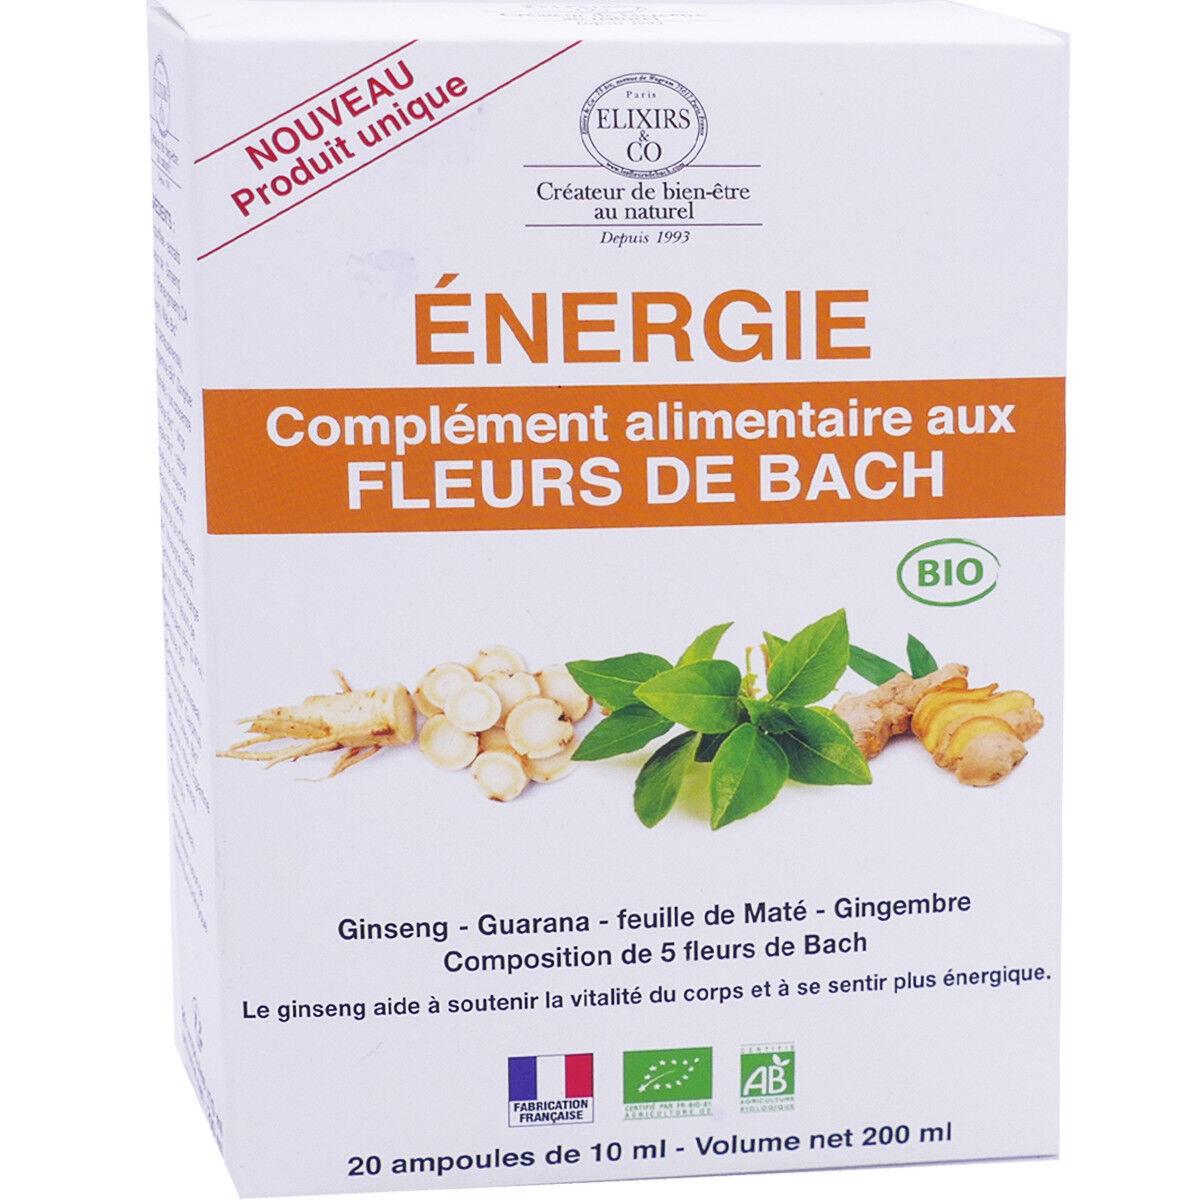 Elixirs & co energie fleurs de bach 20 ampoules 10 ml bio